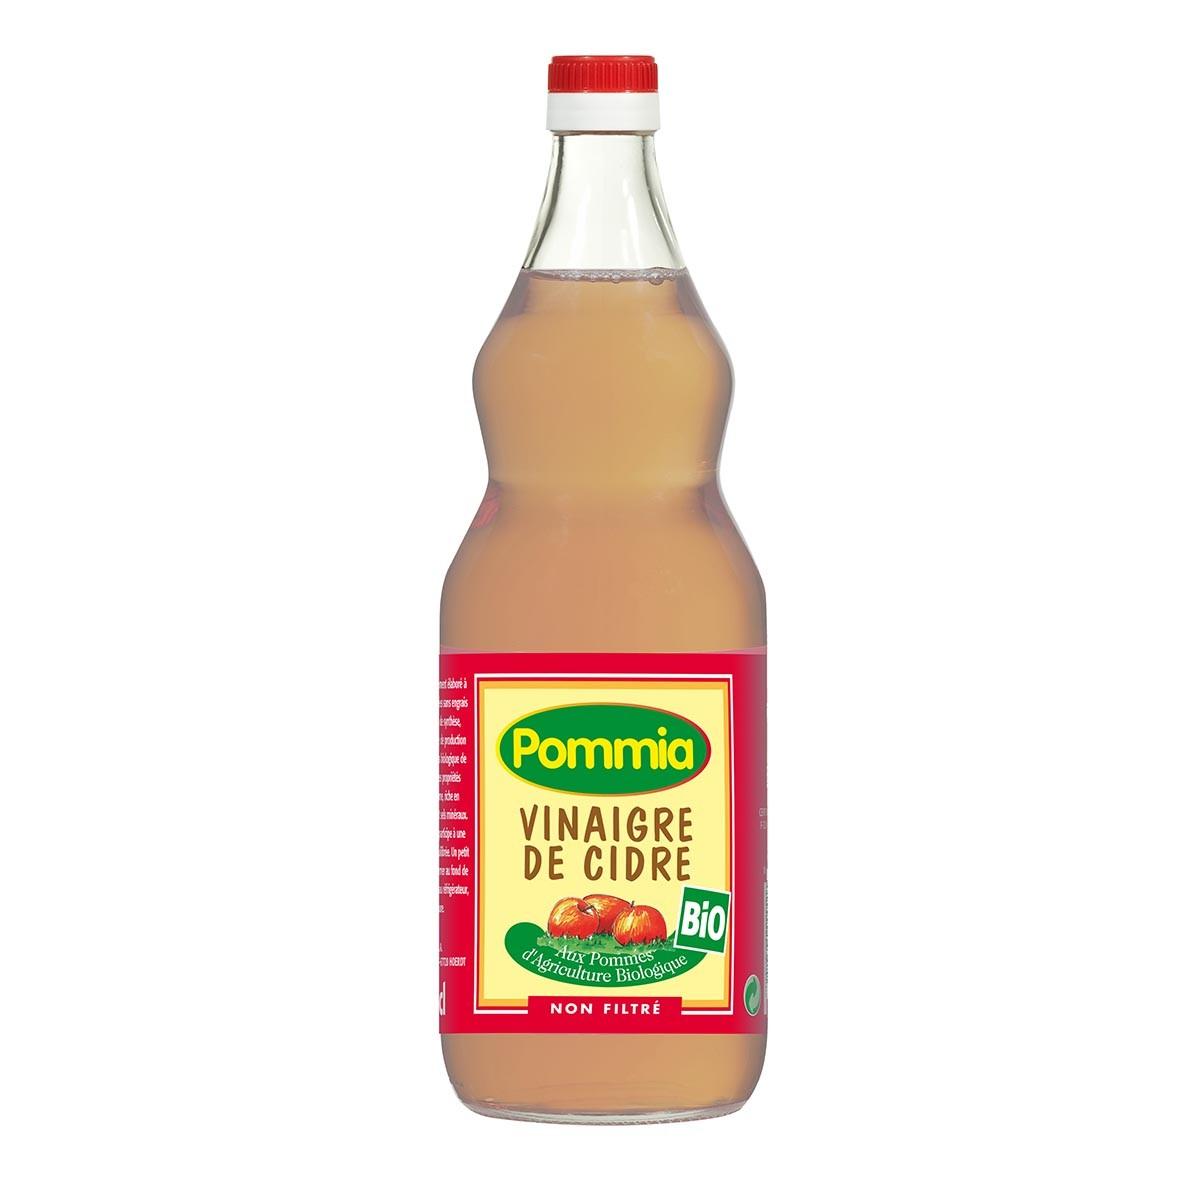 Pommia - Vinaigre de cidre non filtré 5° 1l bio